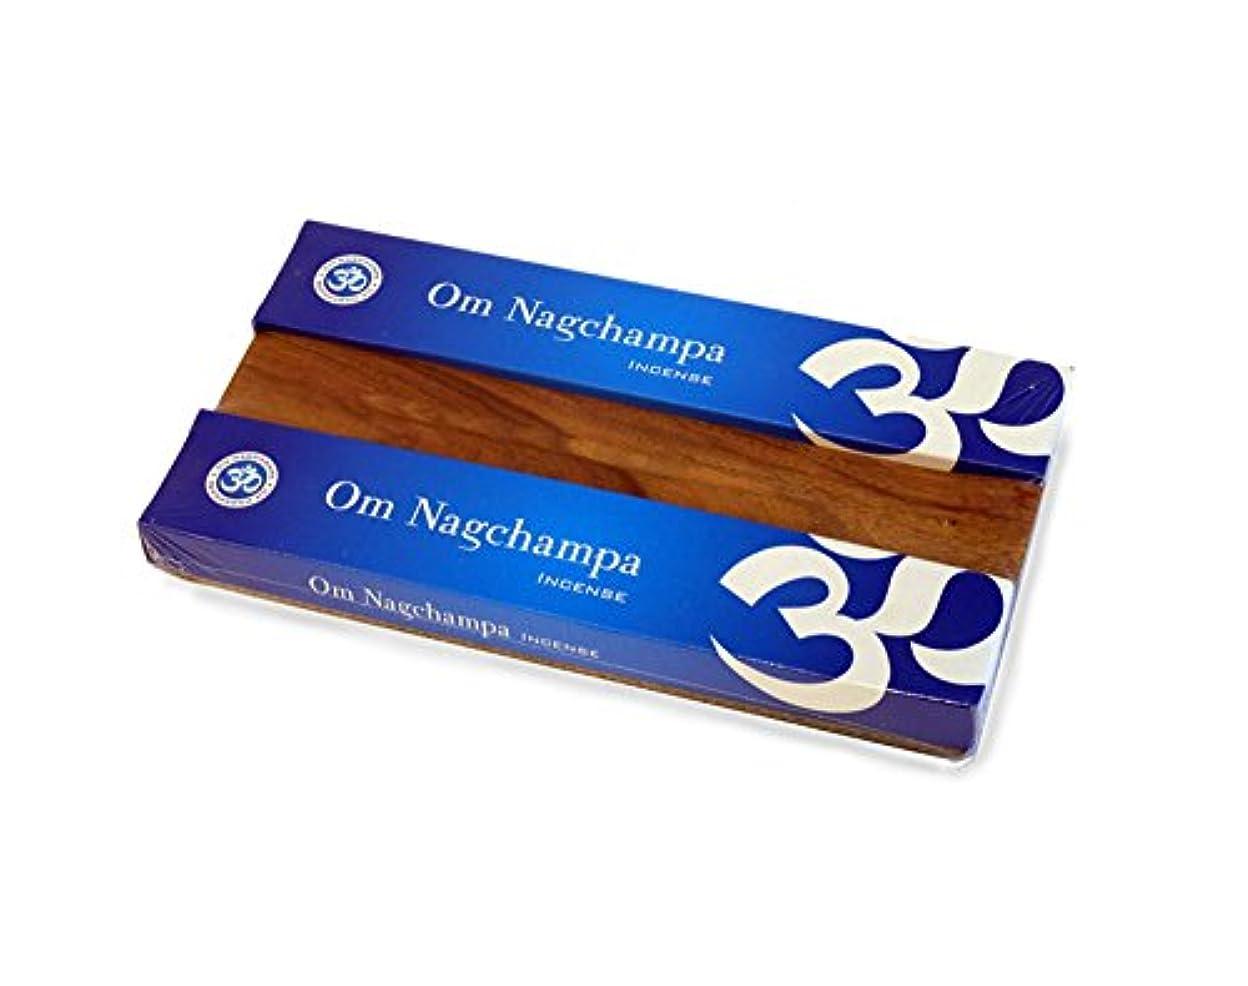 みなす競争数字Om Nagchampa x2 15グラムIncense Gift Pack Set w Burner